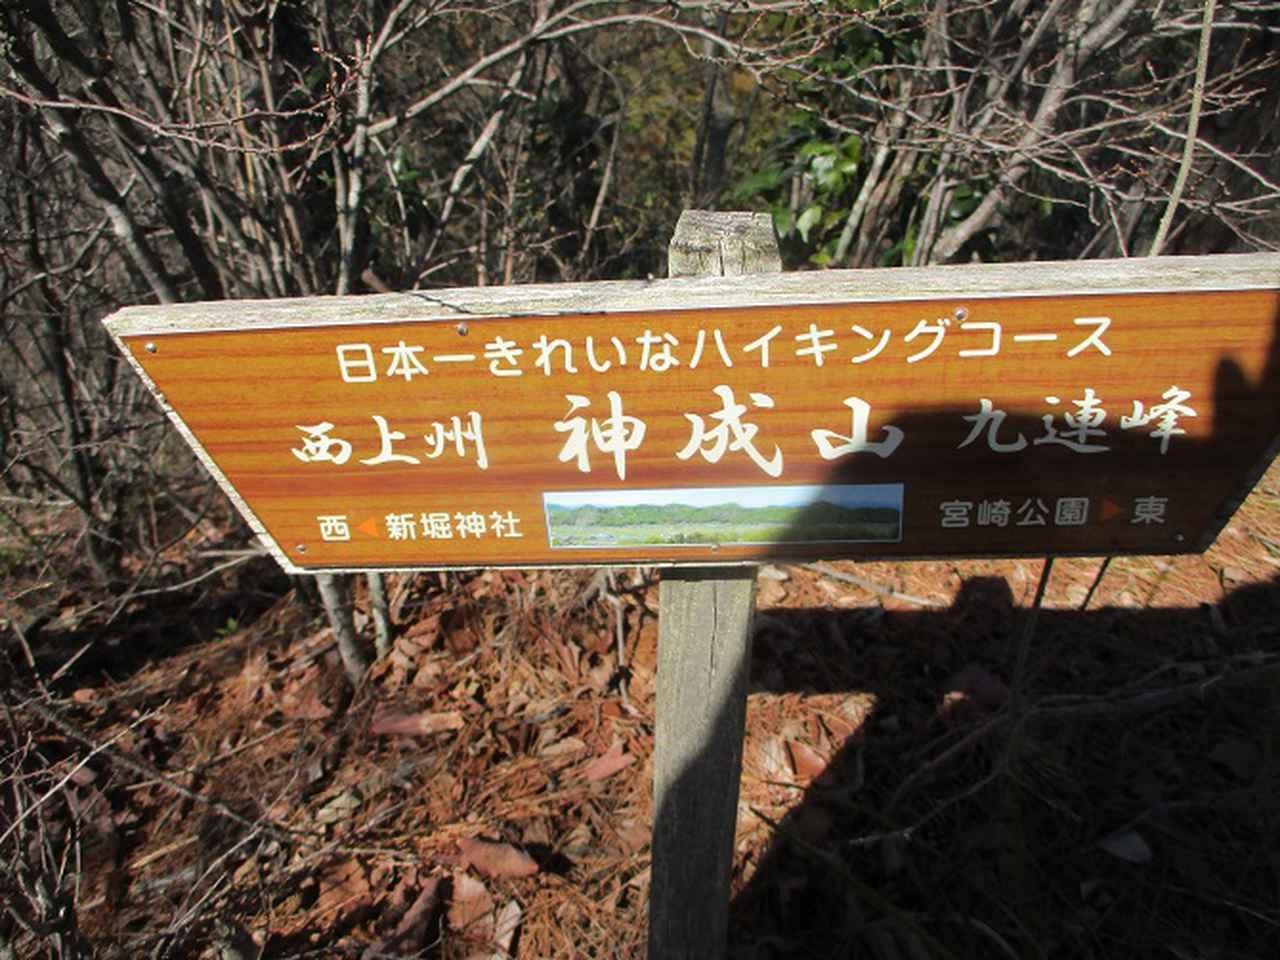 画像5: 4月の山旅会 神成山 の下見に行ってきました!